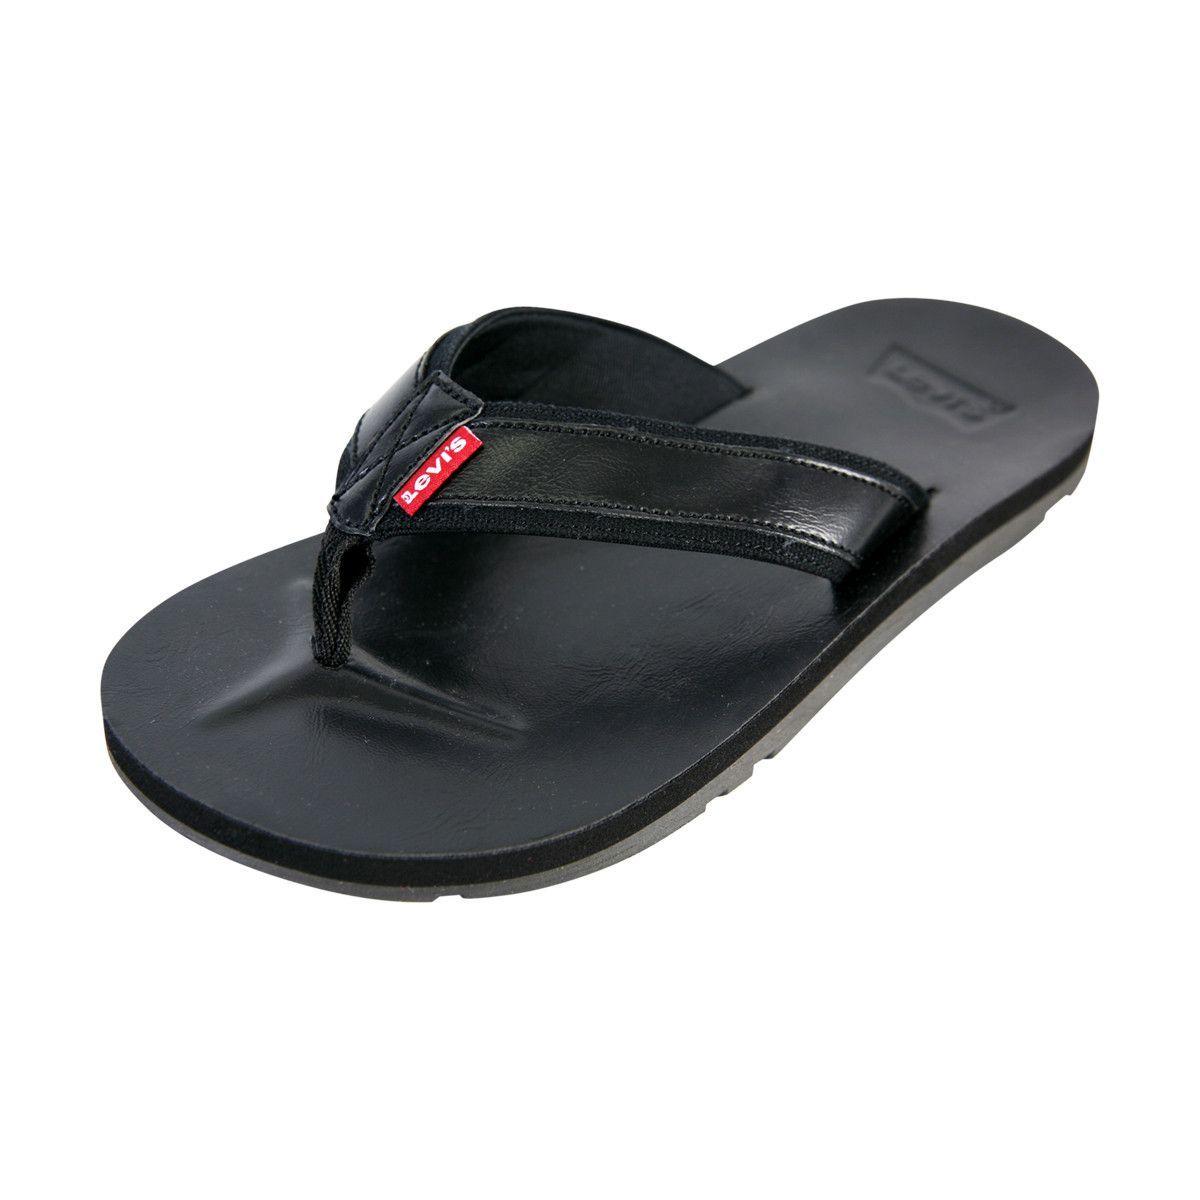 Levi's - Men's Heartland Flip Flop/Sandals - Black